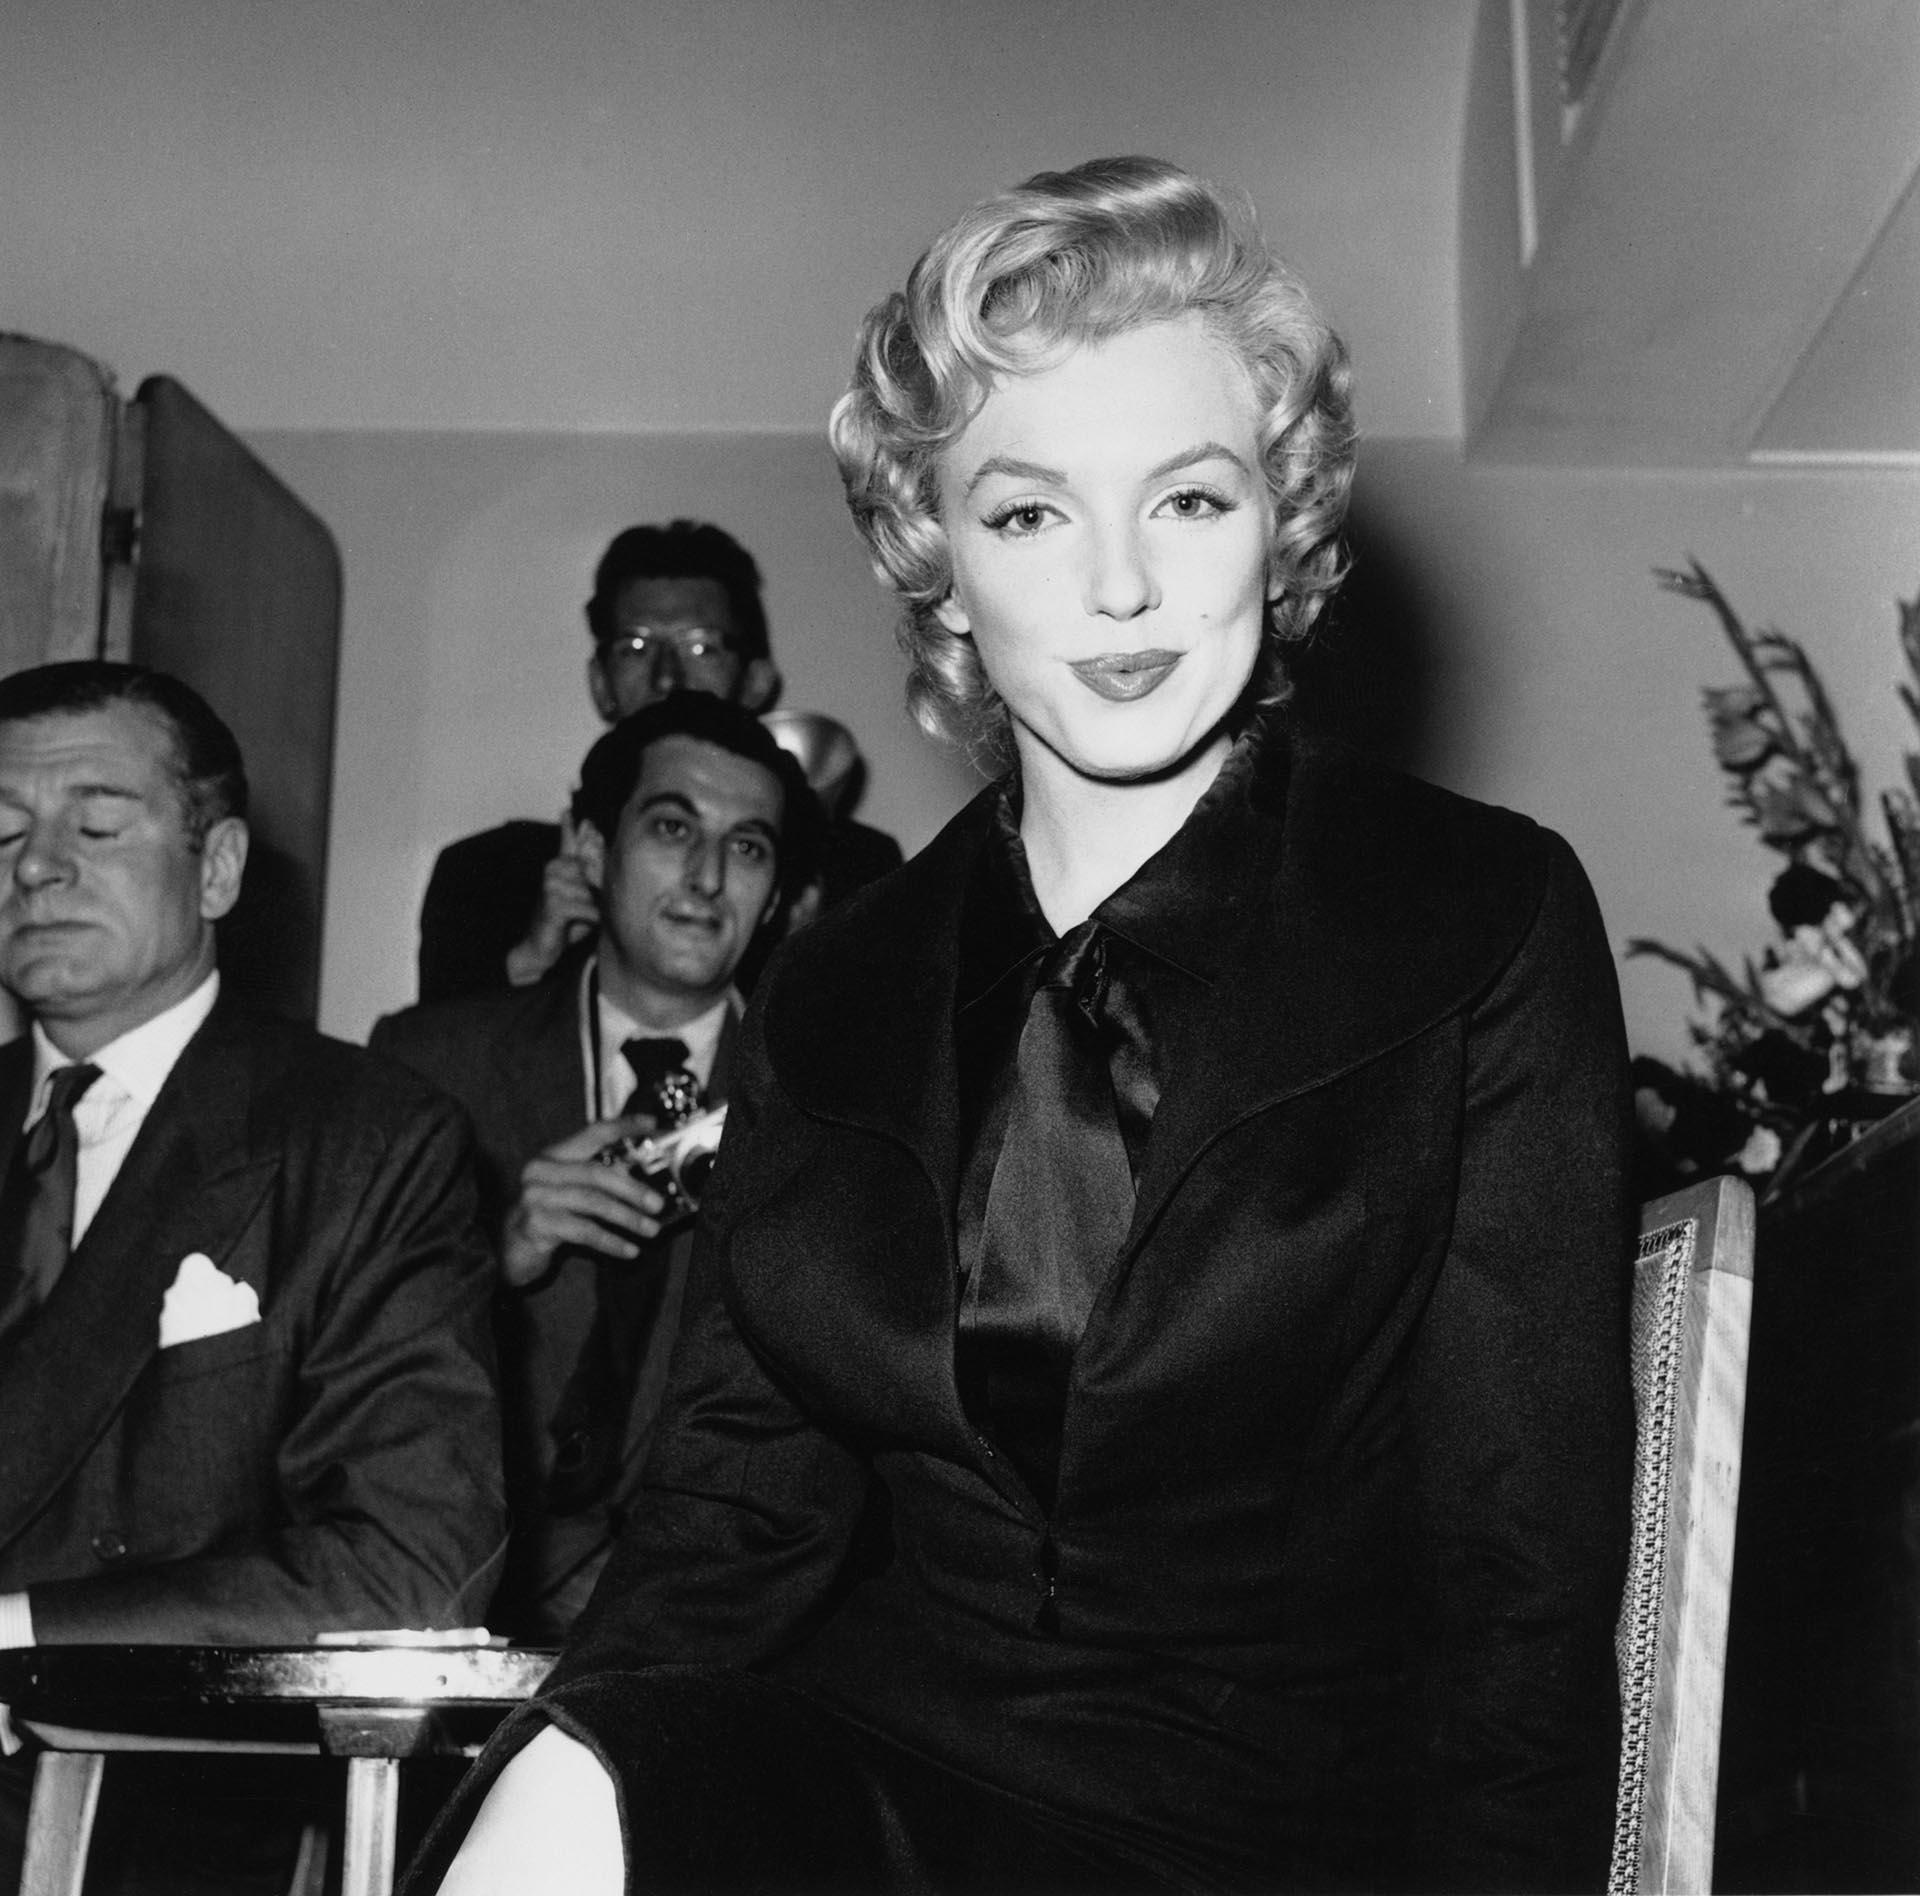 Su carrera duró apenas 16 años: fue actriz, productora, cantante, empresaria y un referente de la moda (Harry Kerr/BIPs/Hulton Archive/Getty Images)